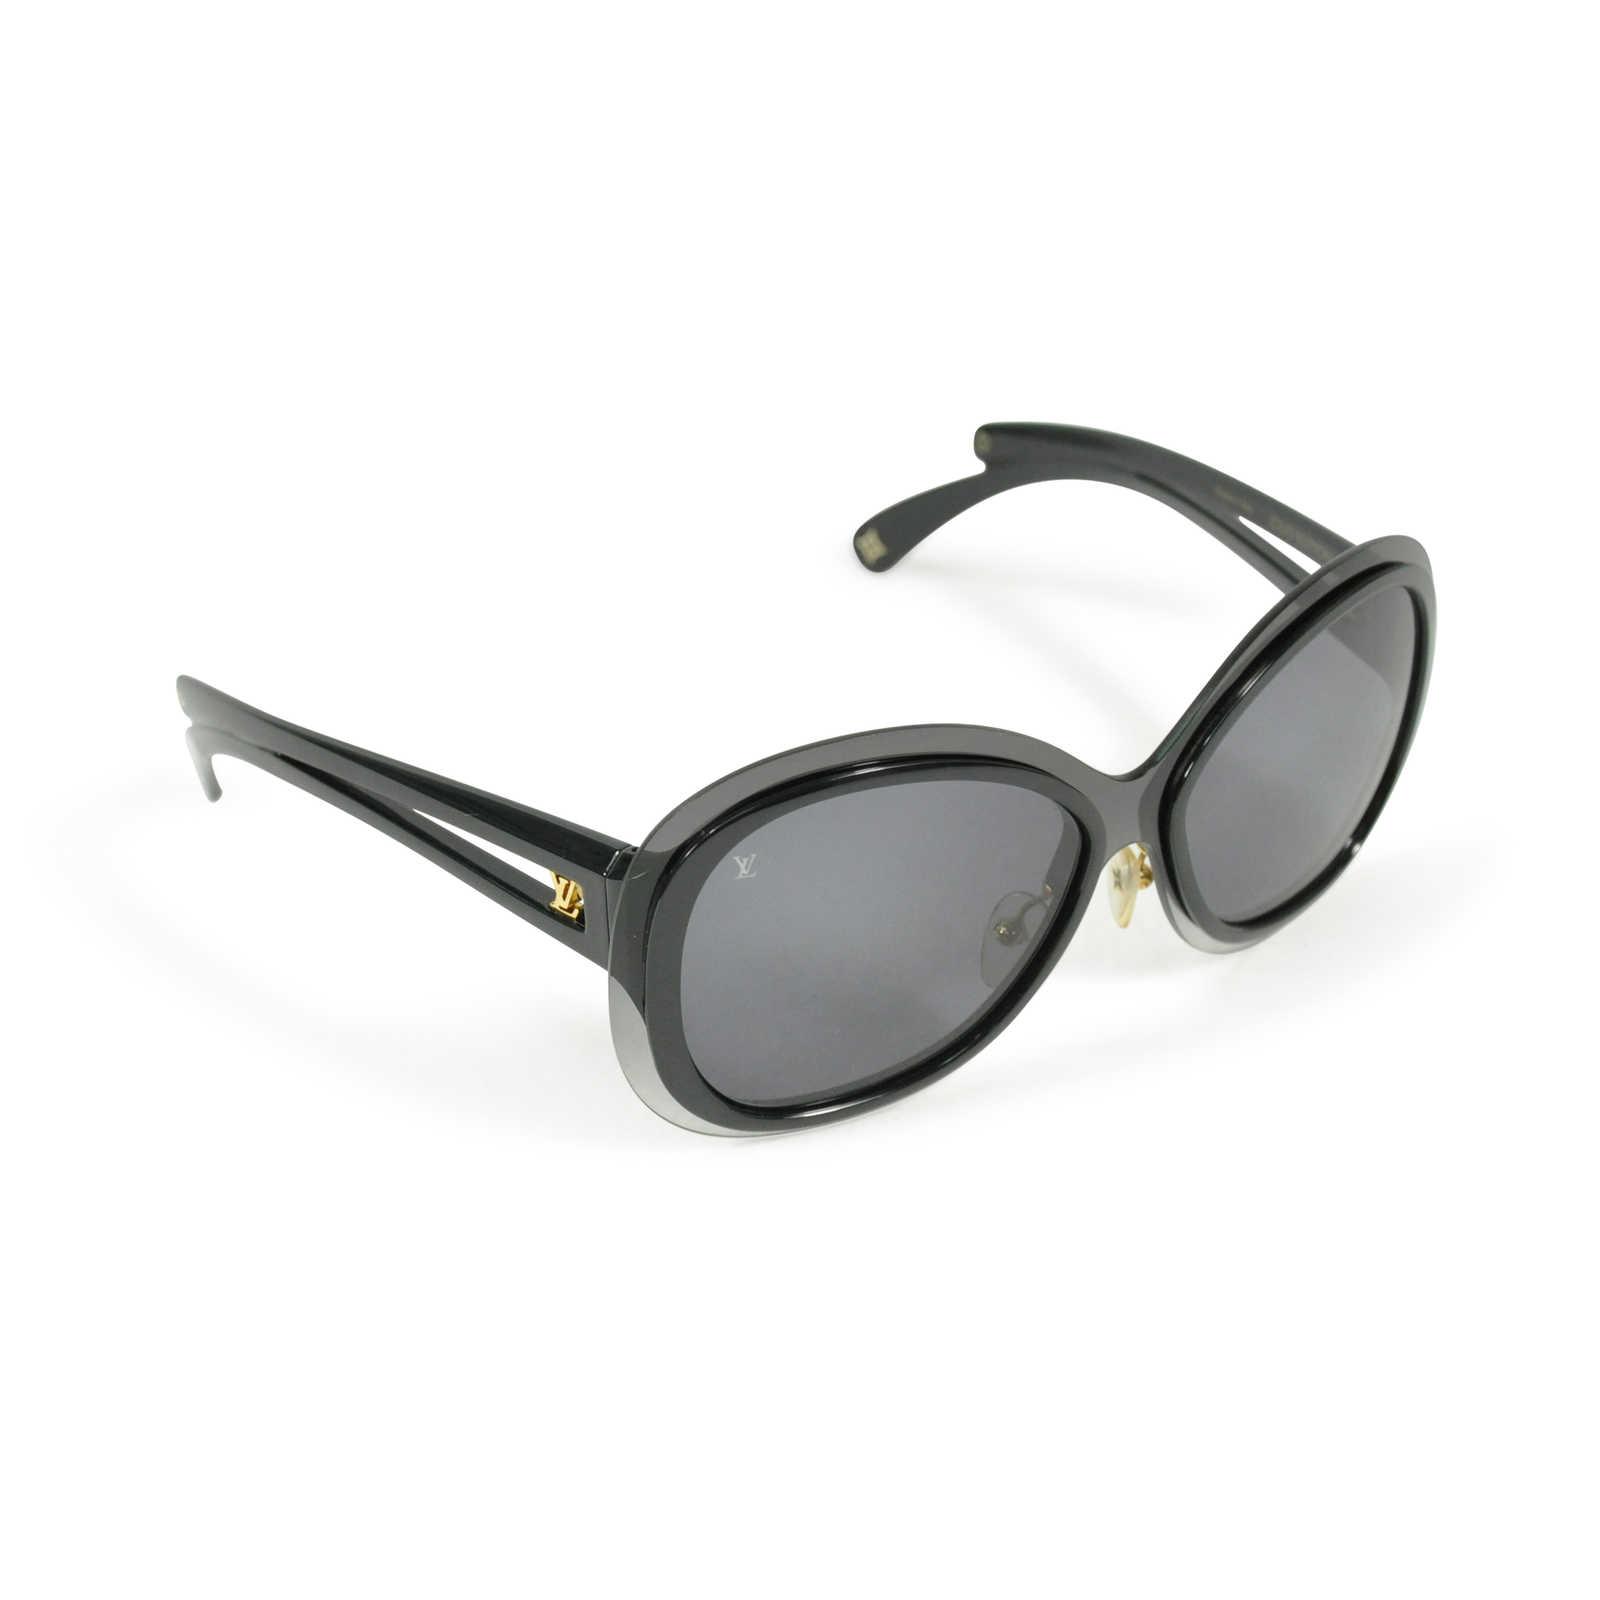 3d6fecd15663 ... Authentic Second Hand Louis Vuitton Flor Oversized Sunglasses  (PSS-200-00386) ...